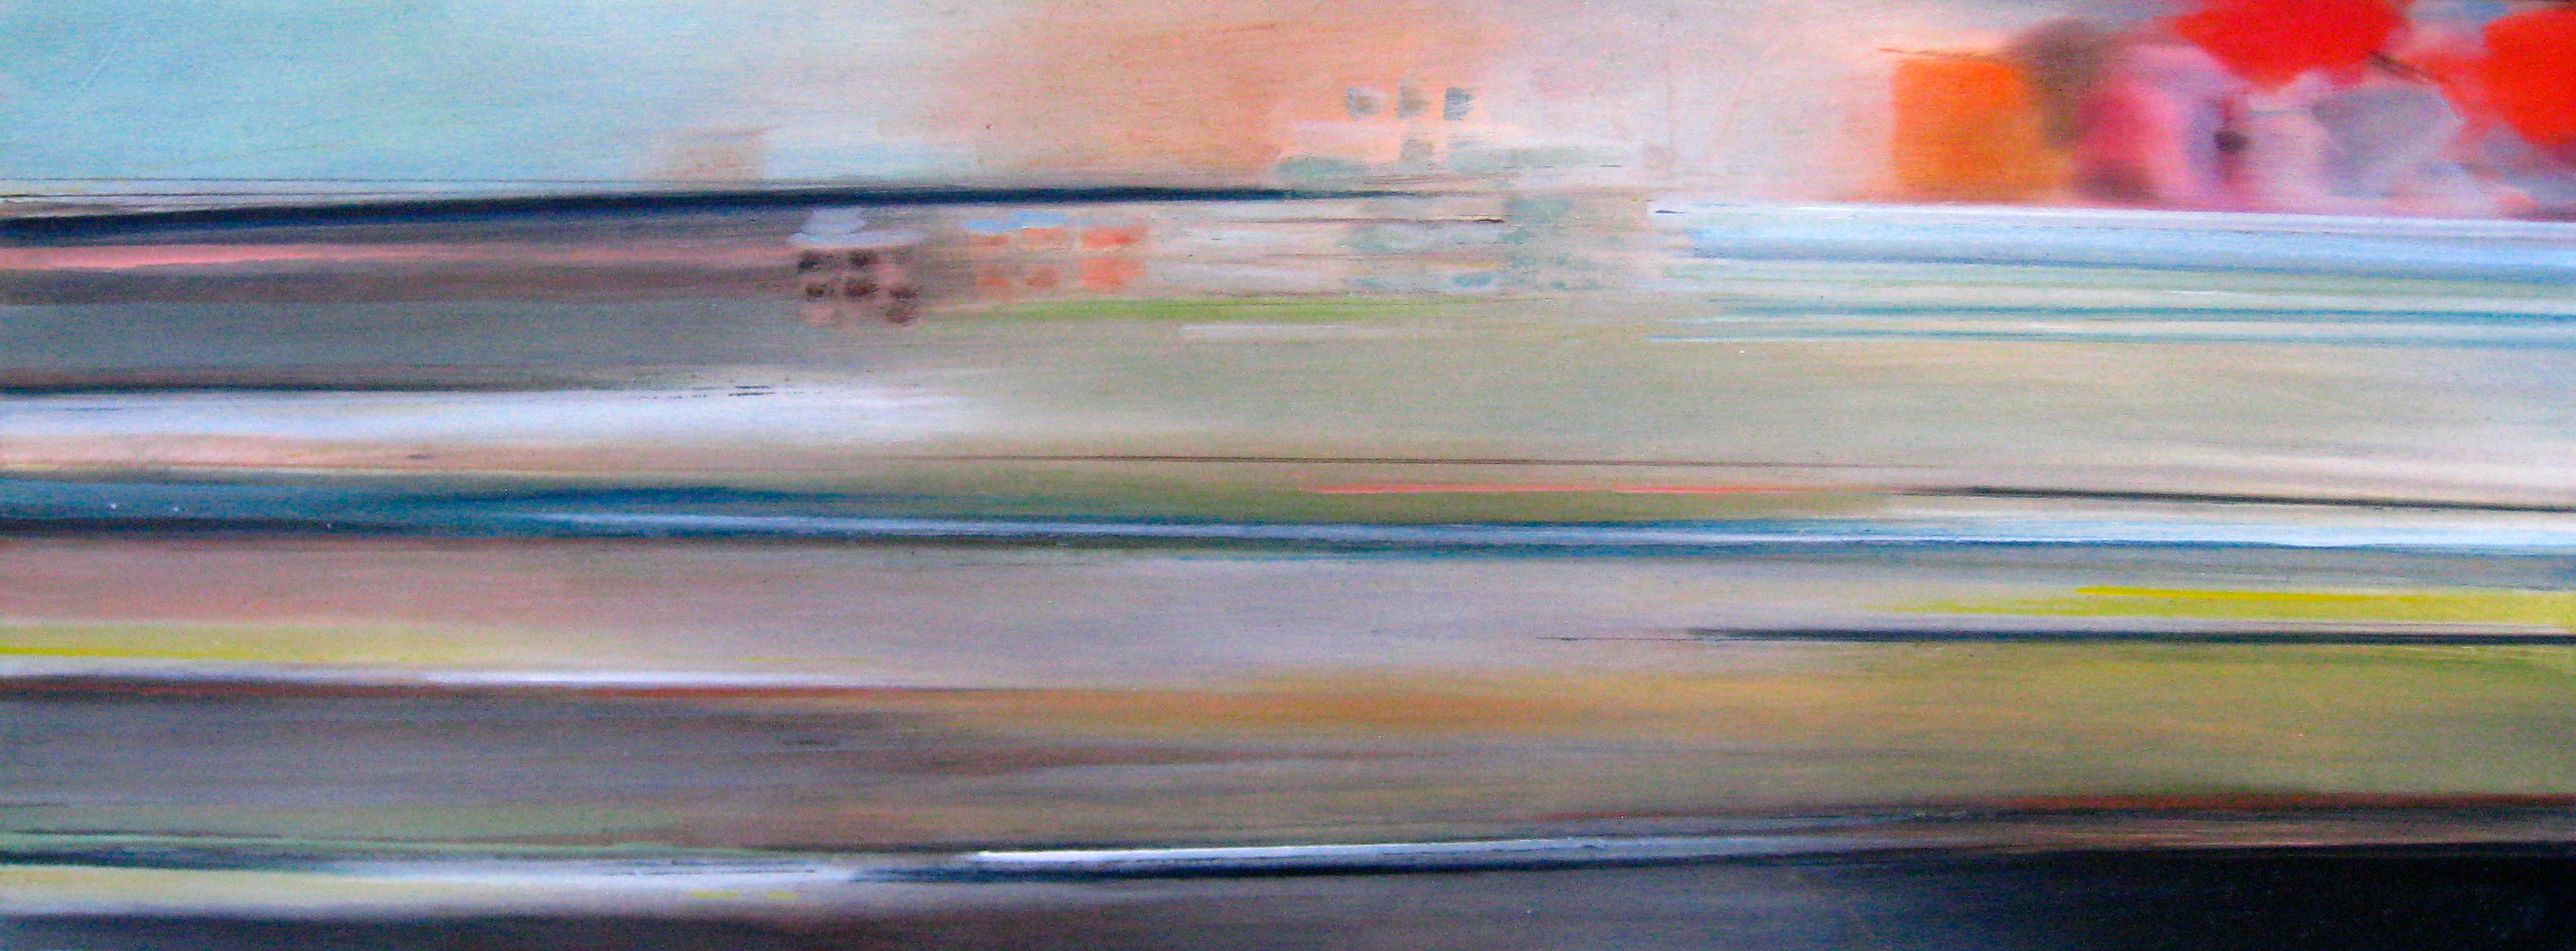 Riikka Ahlfors art painting taide maalaus In shinkansen 5, 80 cm x 30 cm, oil on wood, 2009